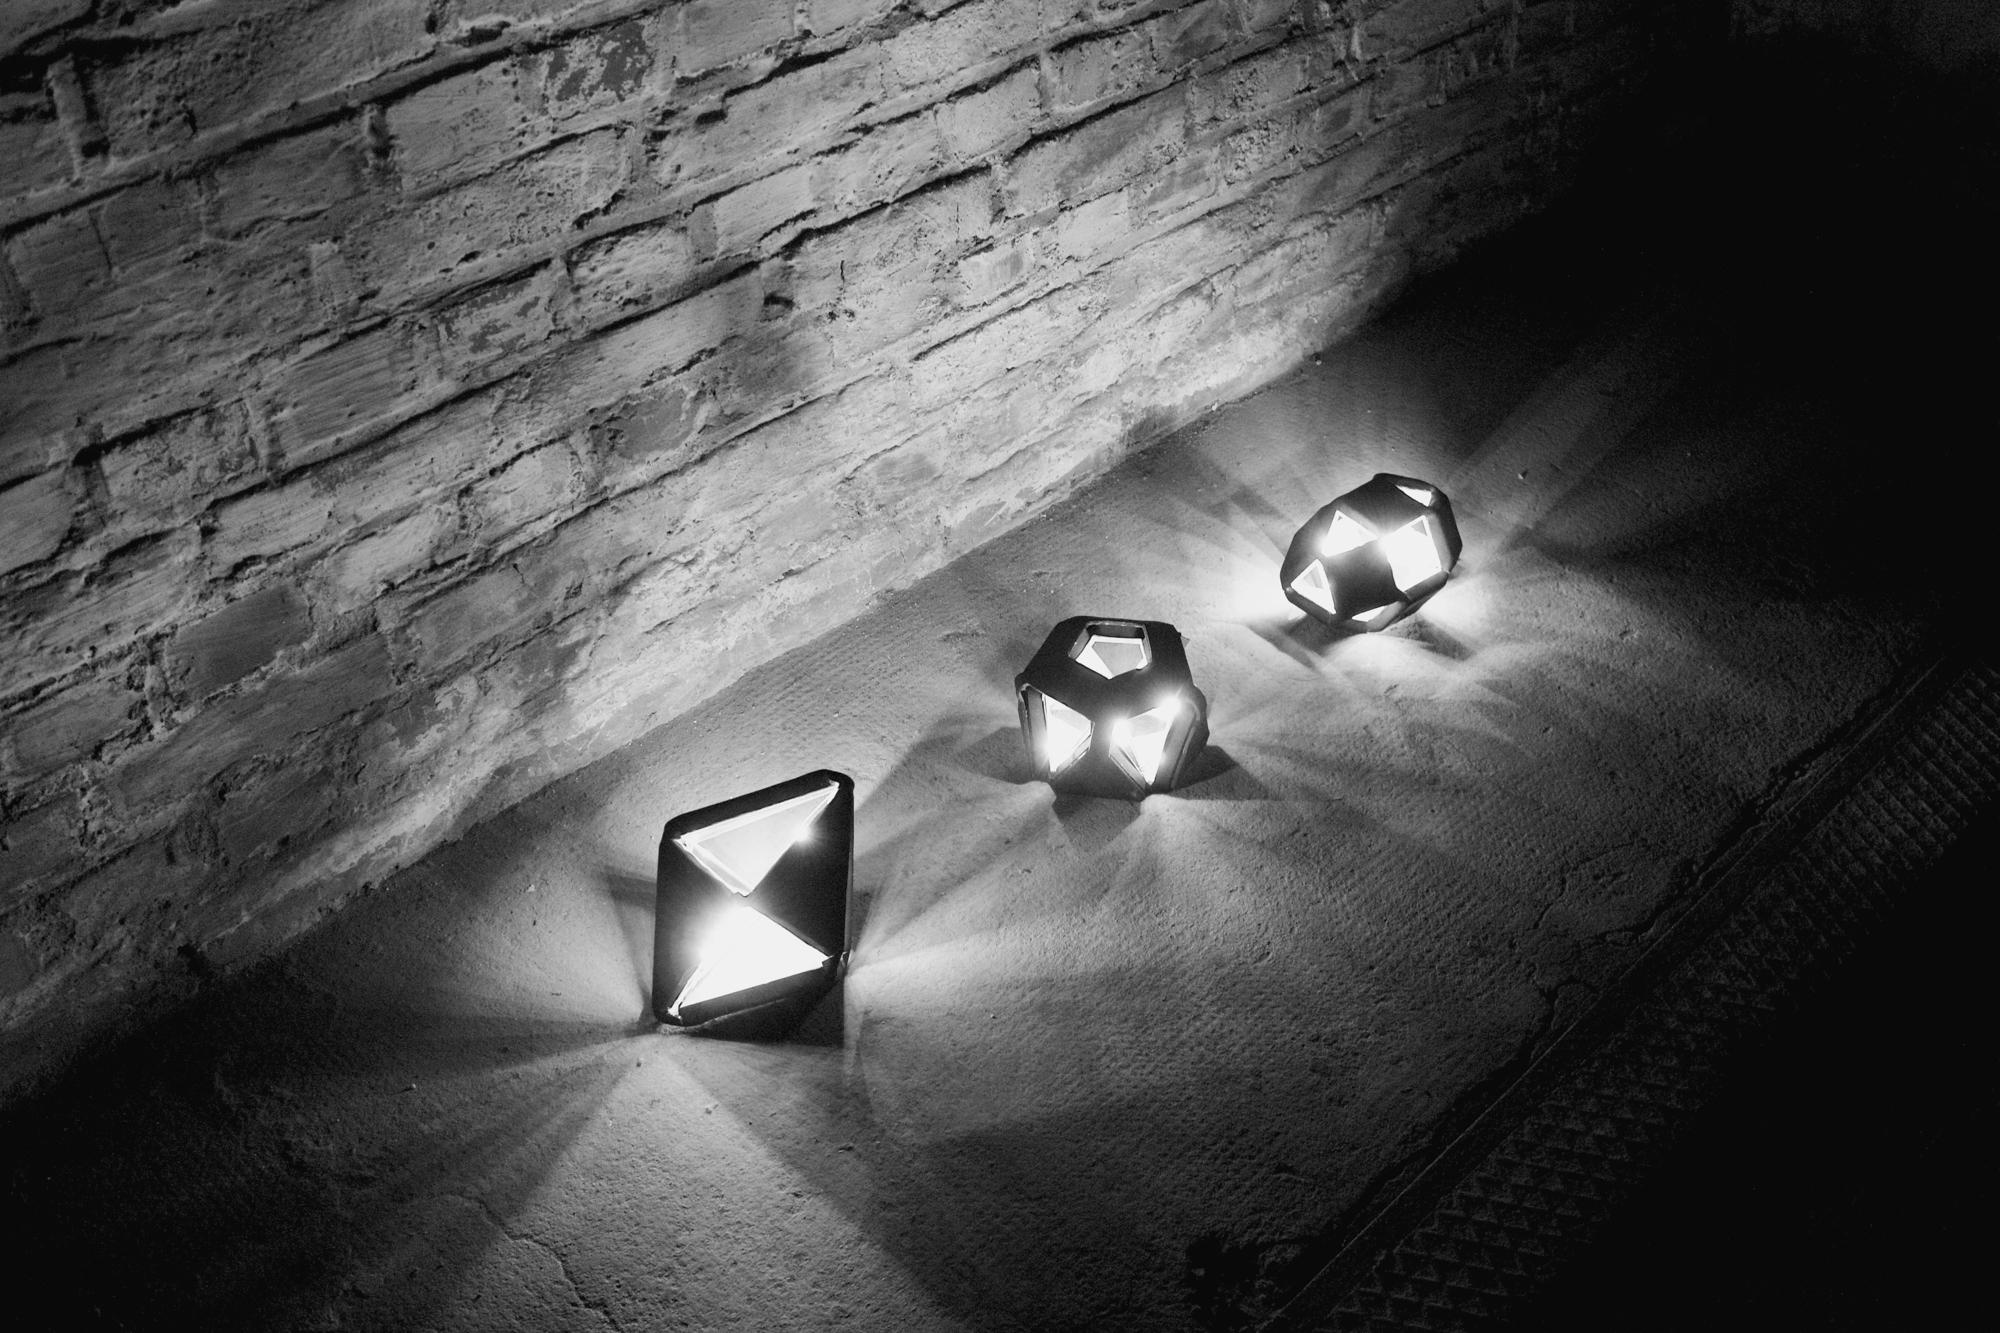 webschlichtlights-1.jpg